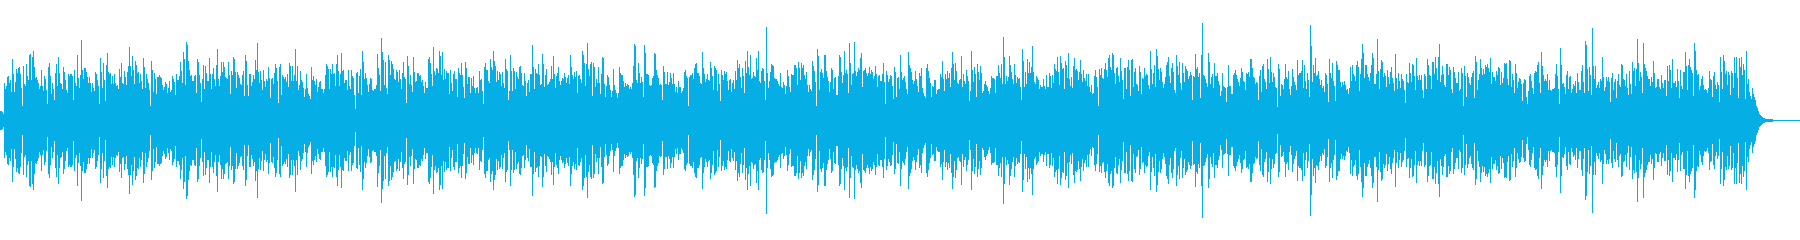 優しくおしゃれなカフェボサノバCMやVPの再生済みの波形